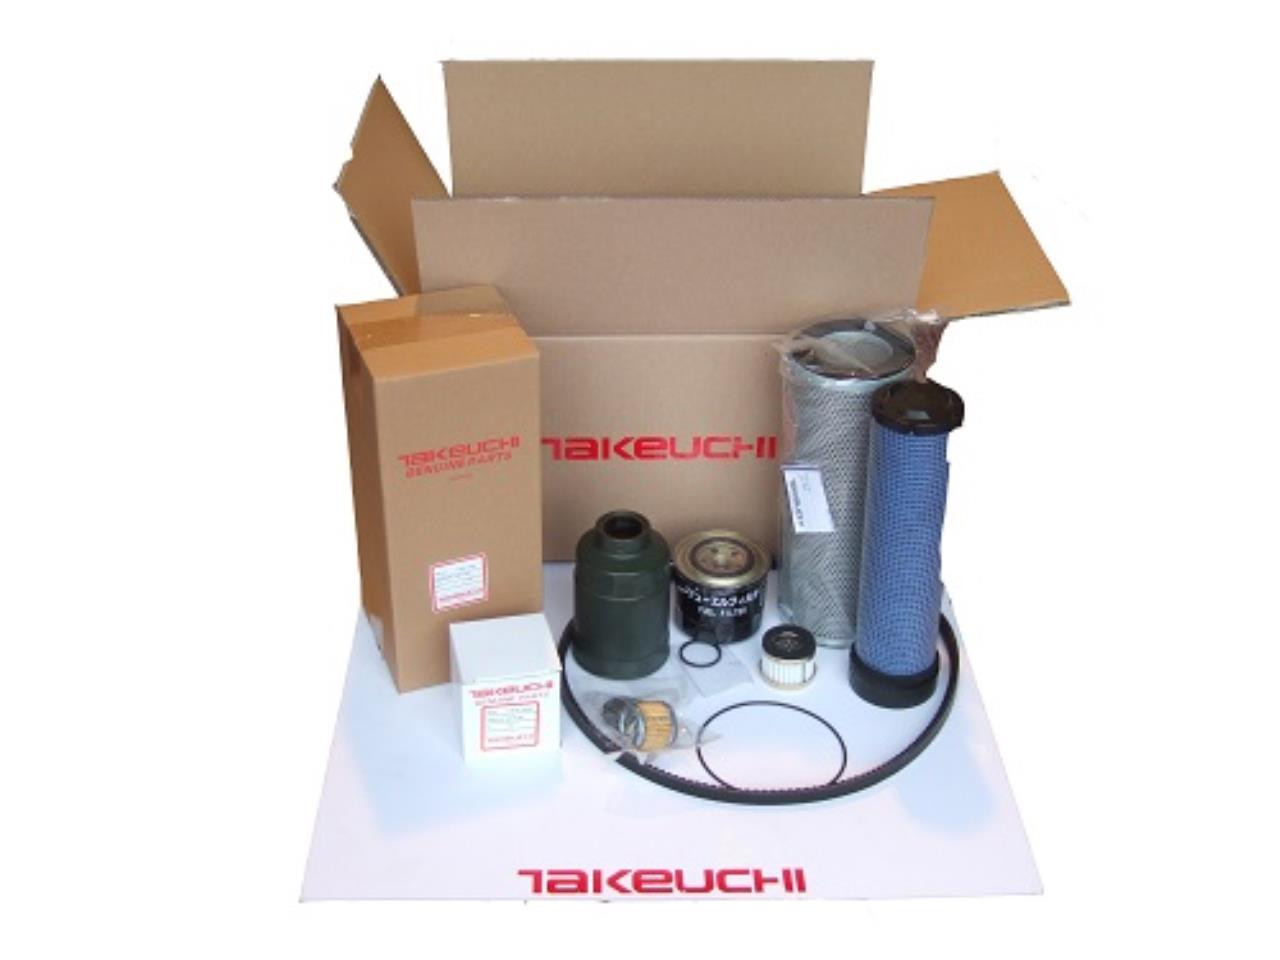 Takeuchi TB290 filtersæt m/Yanmar motor